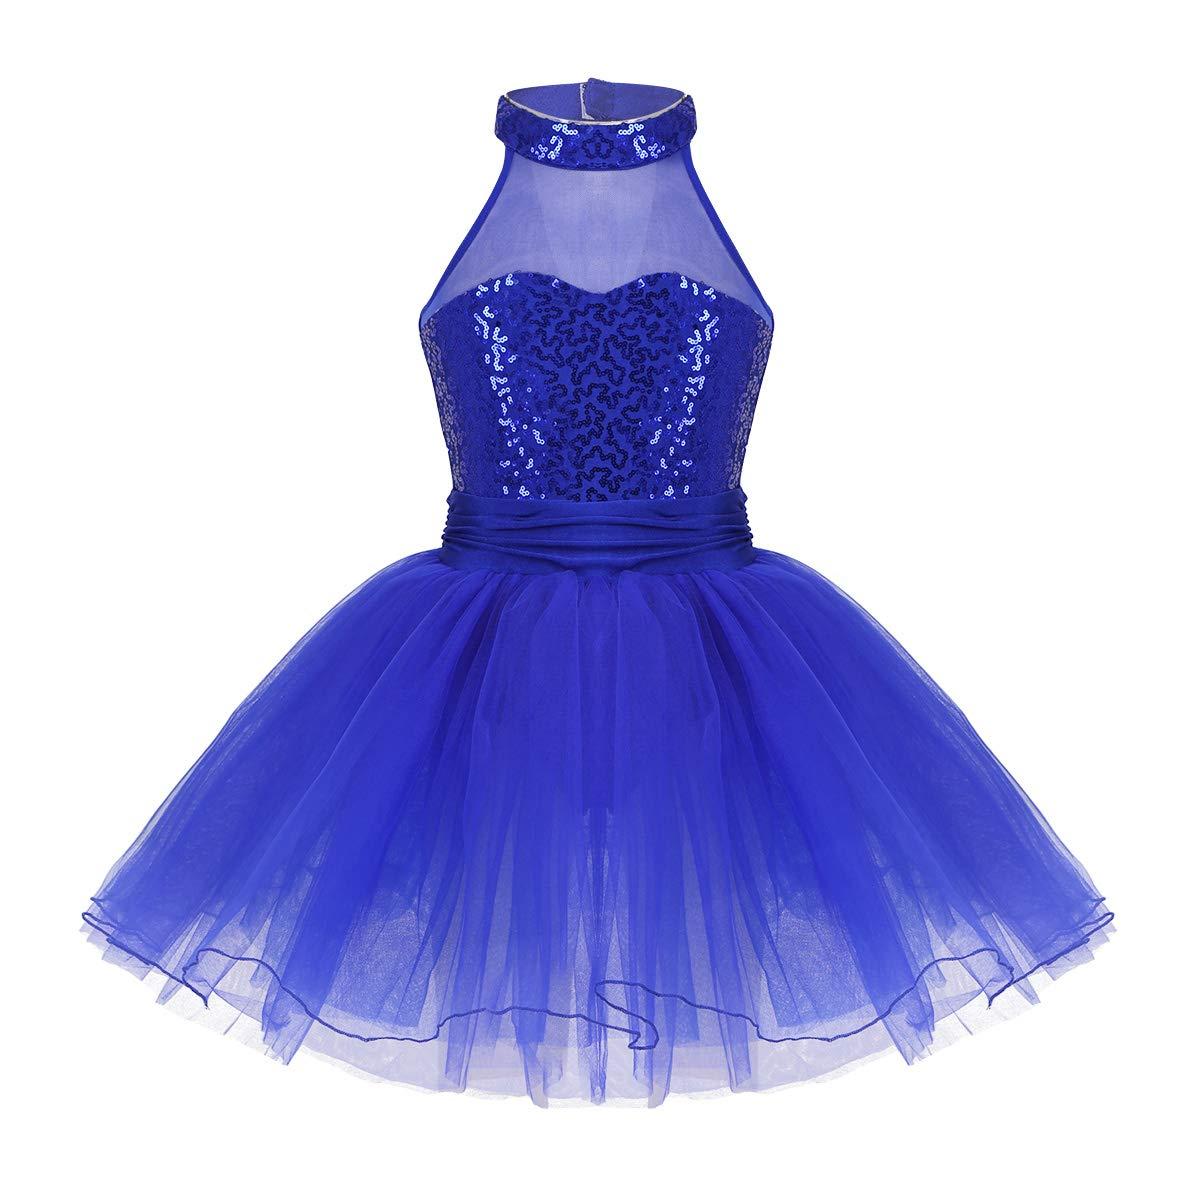 割引 FEESHOW 10-12|Mock SOCKSHOSIERY ガールズ B07H2RGC6J 10-12|Mock Neck ガールズ Blue Mock Neck Blue Blue 43750, M&K:5034a501 --- trademark.officeporto.com